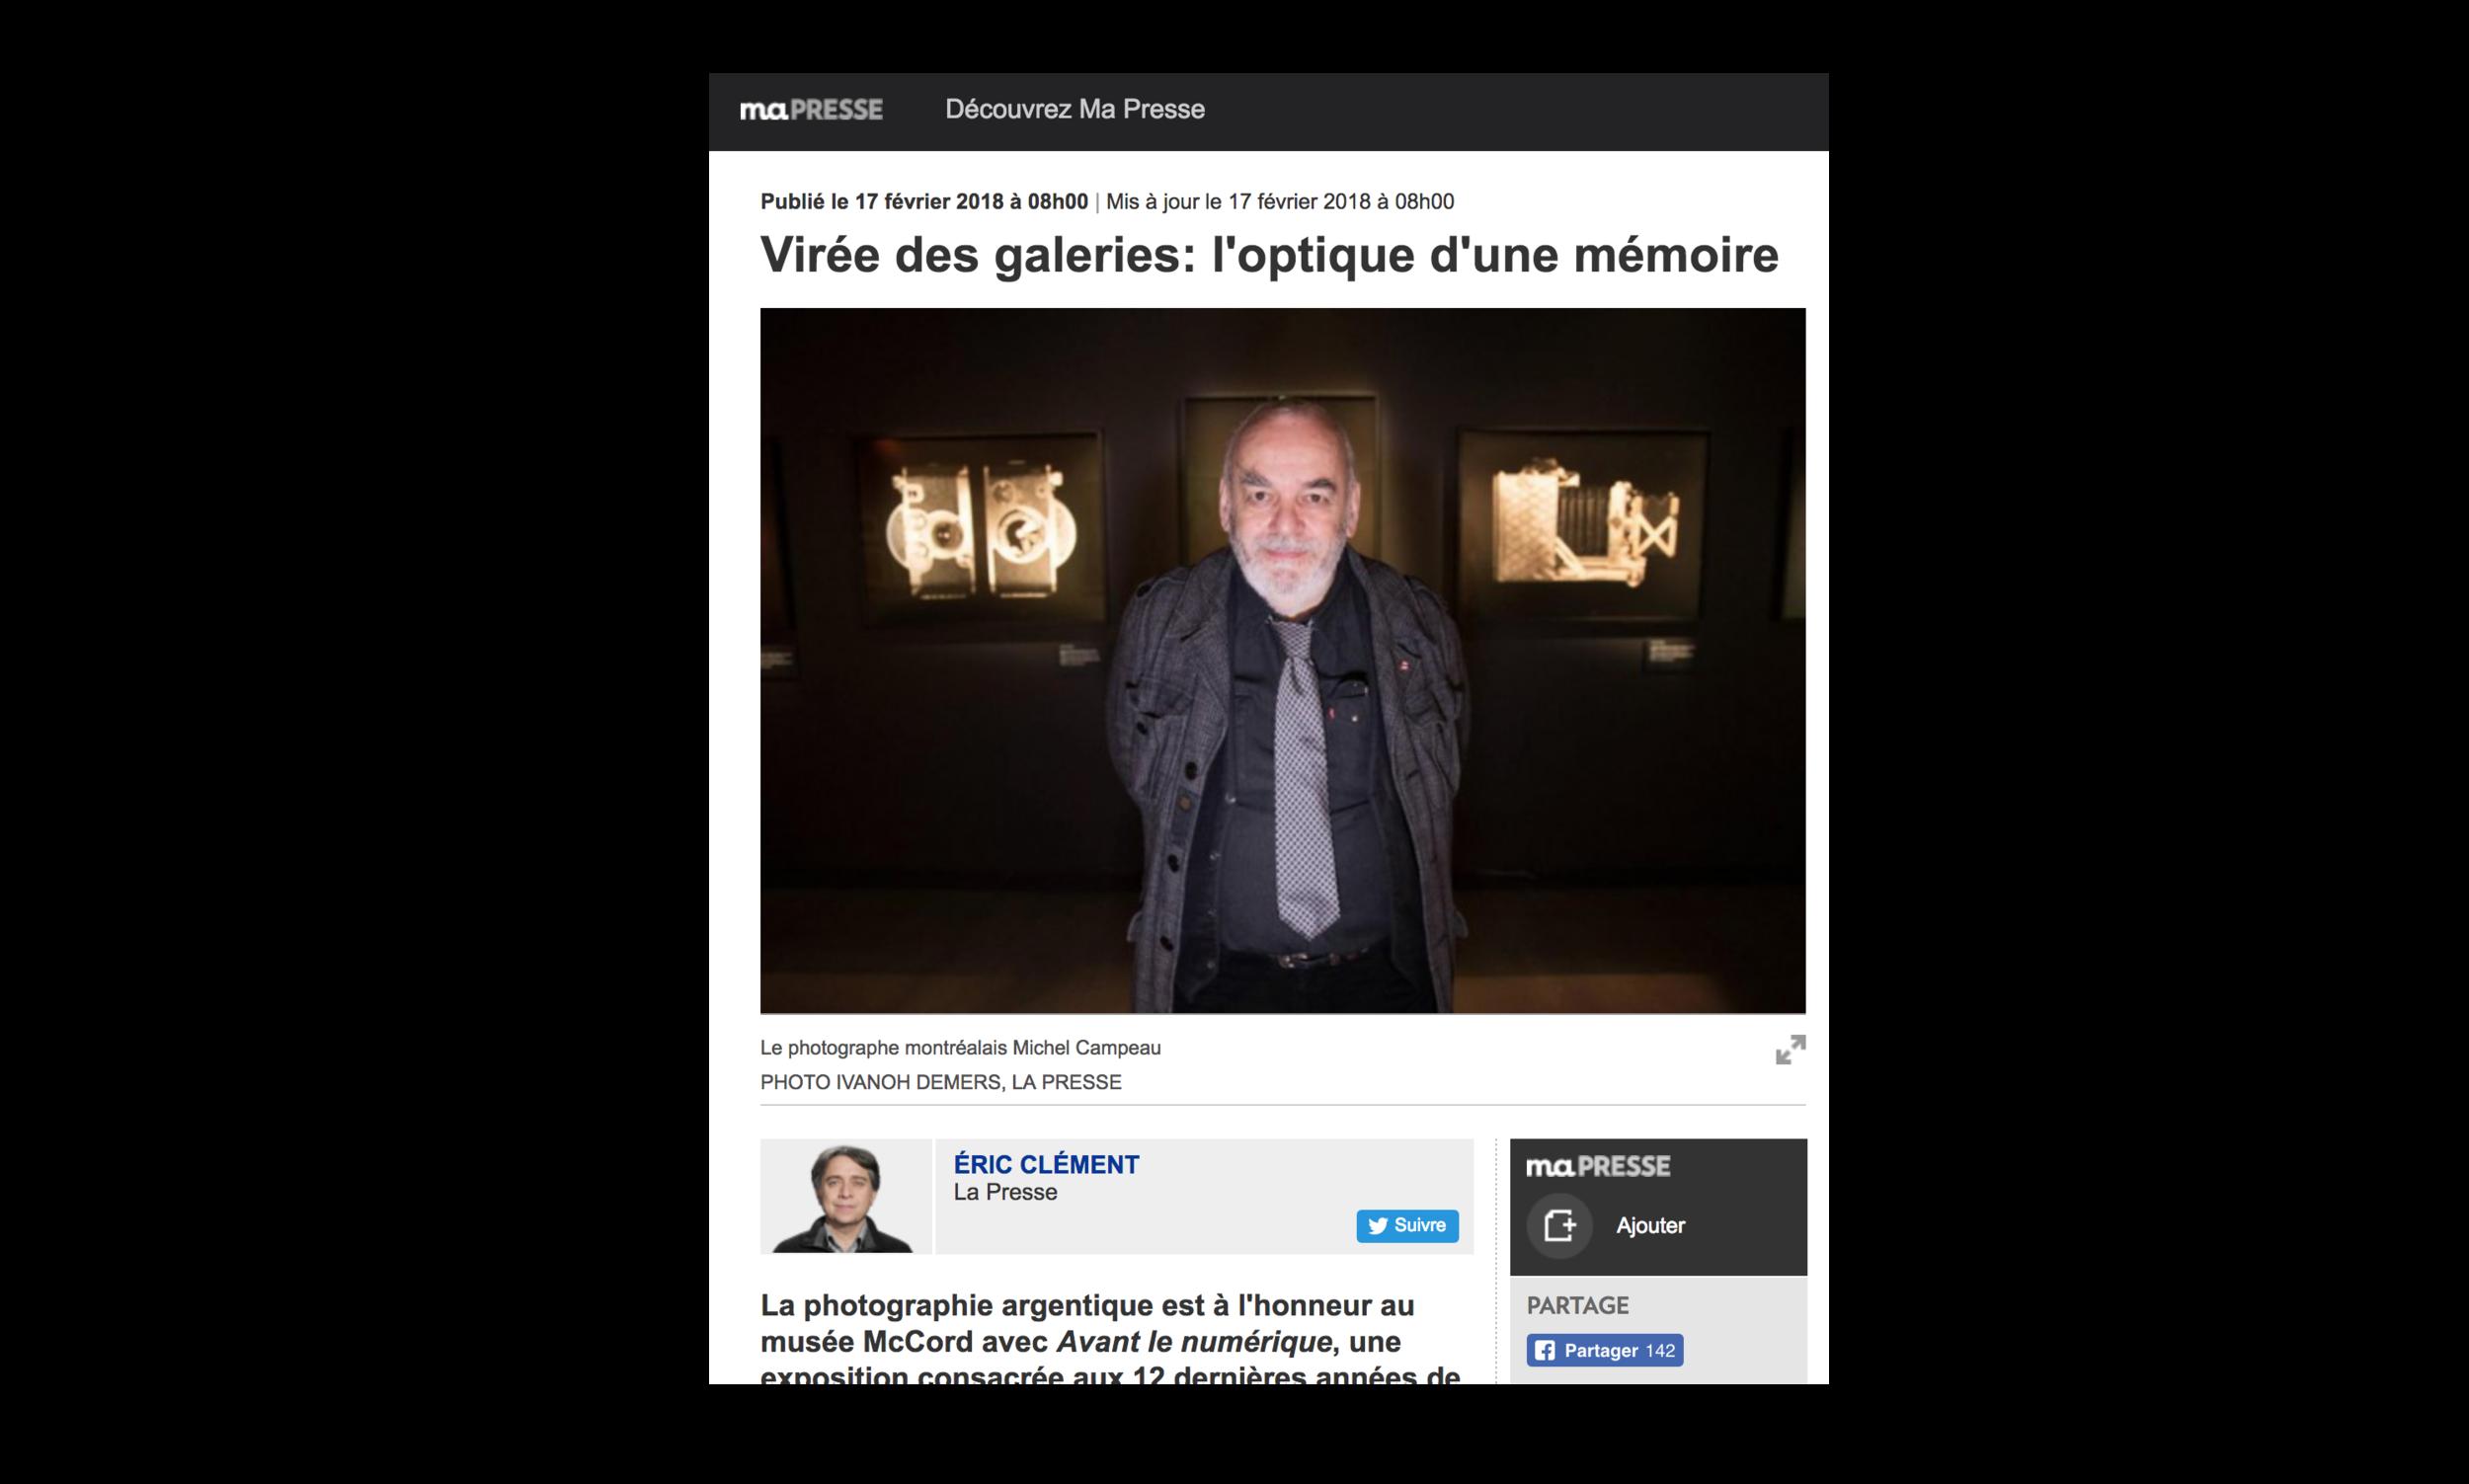 Virée des galeries: l'optique d'une mémoire , Éric Clément, samedi 17 février 2018, Photo de Ivanoh Demers, La Presse  www.lapresse.ca/arts/arts-visuels/201802/16/01-5154151-viree-des-galeries-loptique-dune-memoire.php